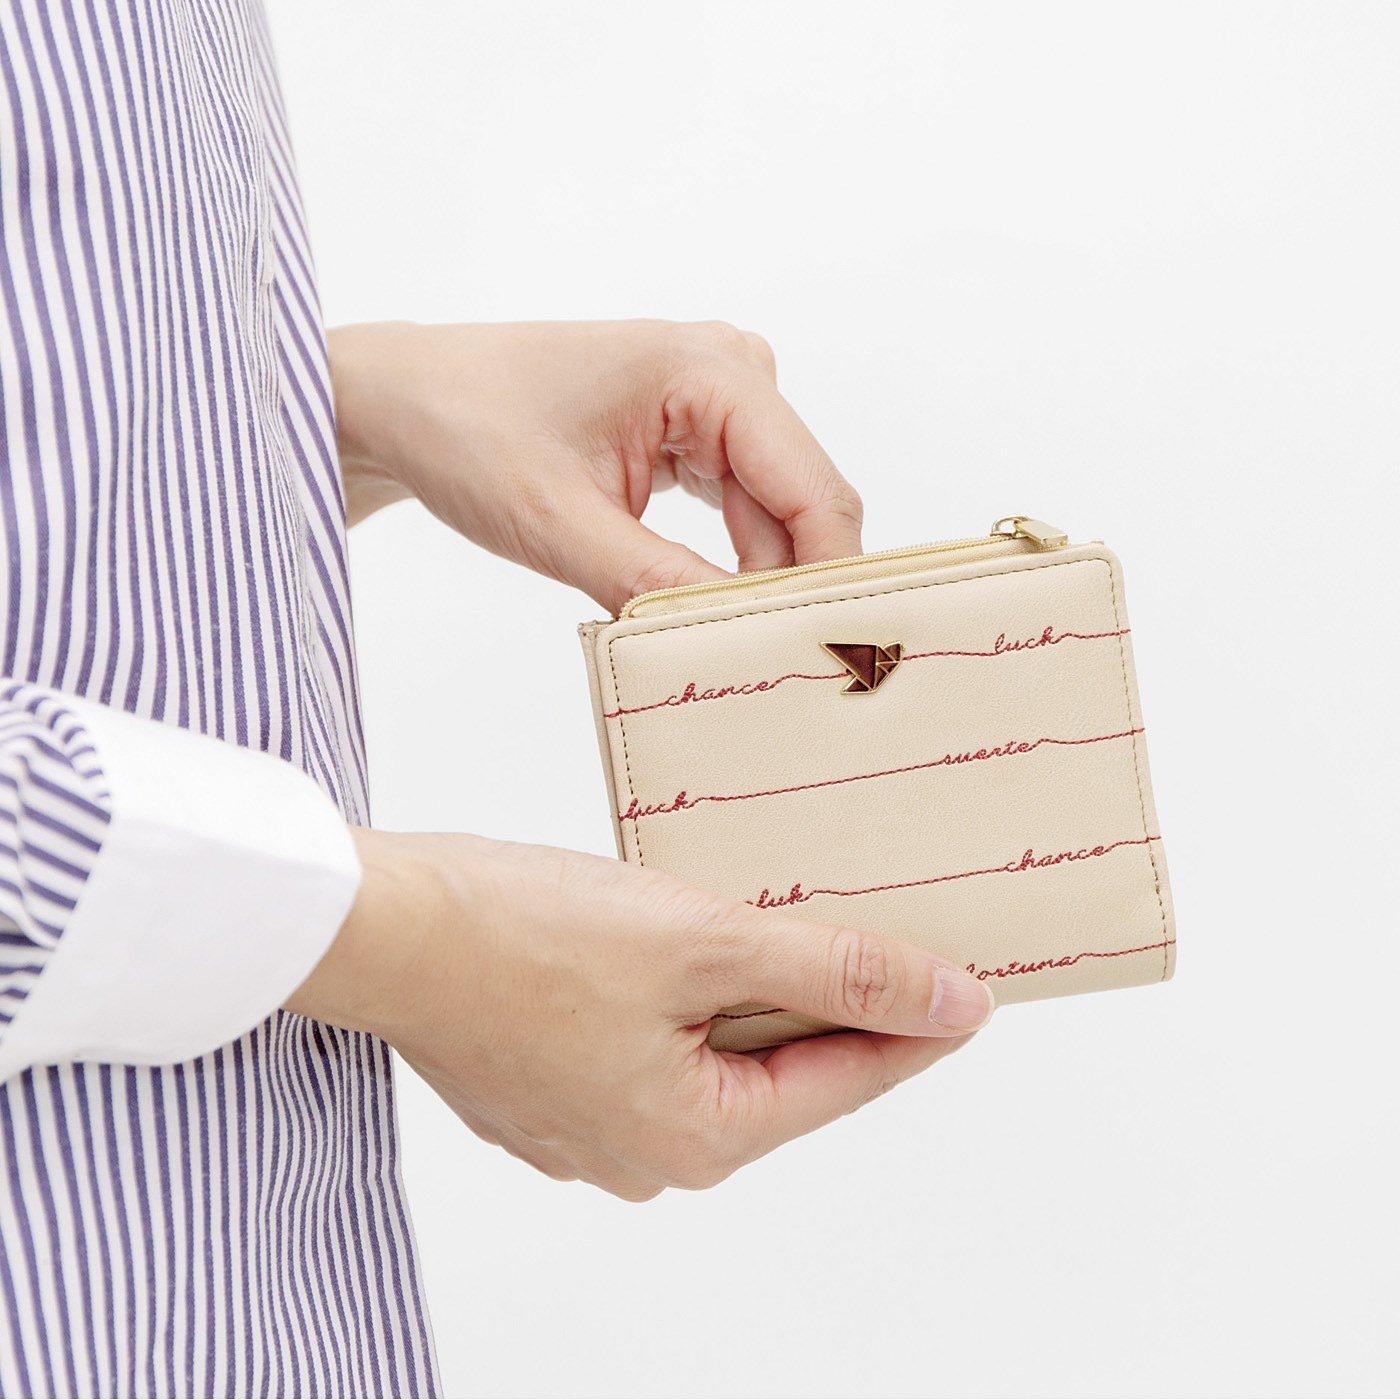 ポケットに入れて幸運のお守り スリムな二つ折り手のり財布の会